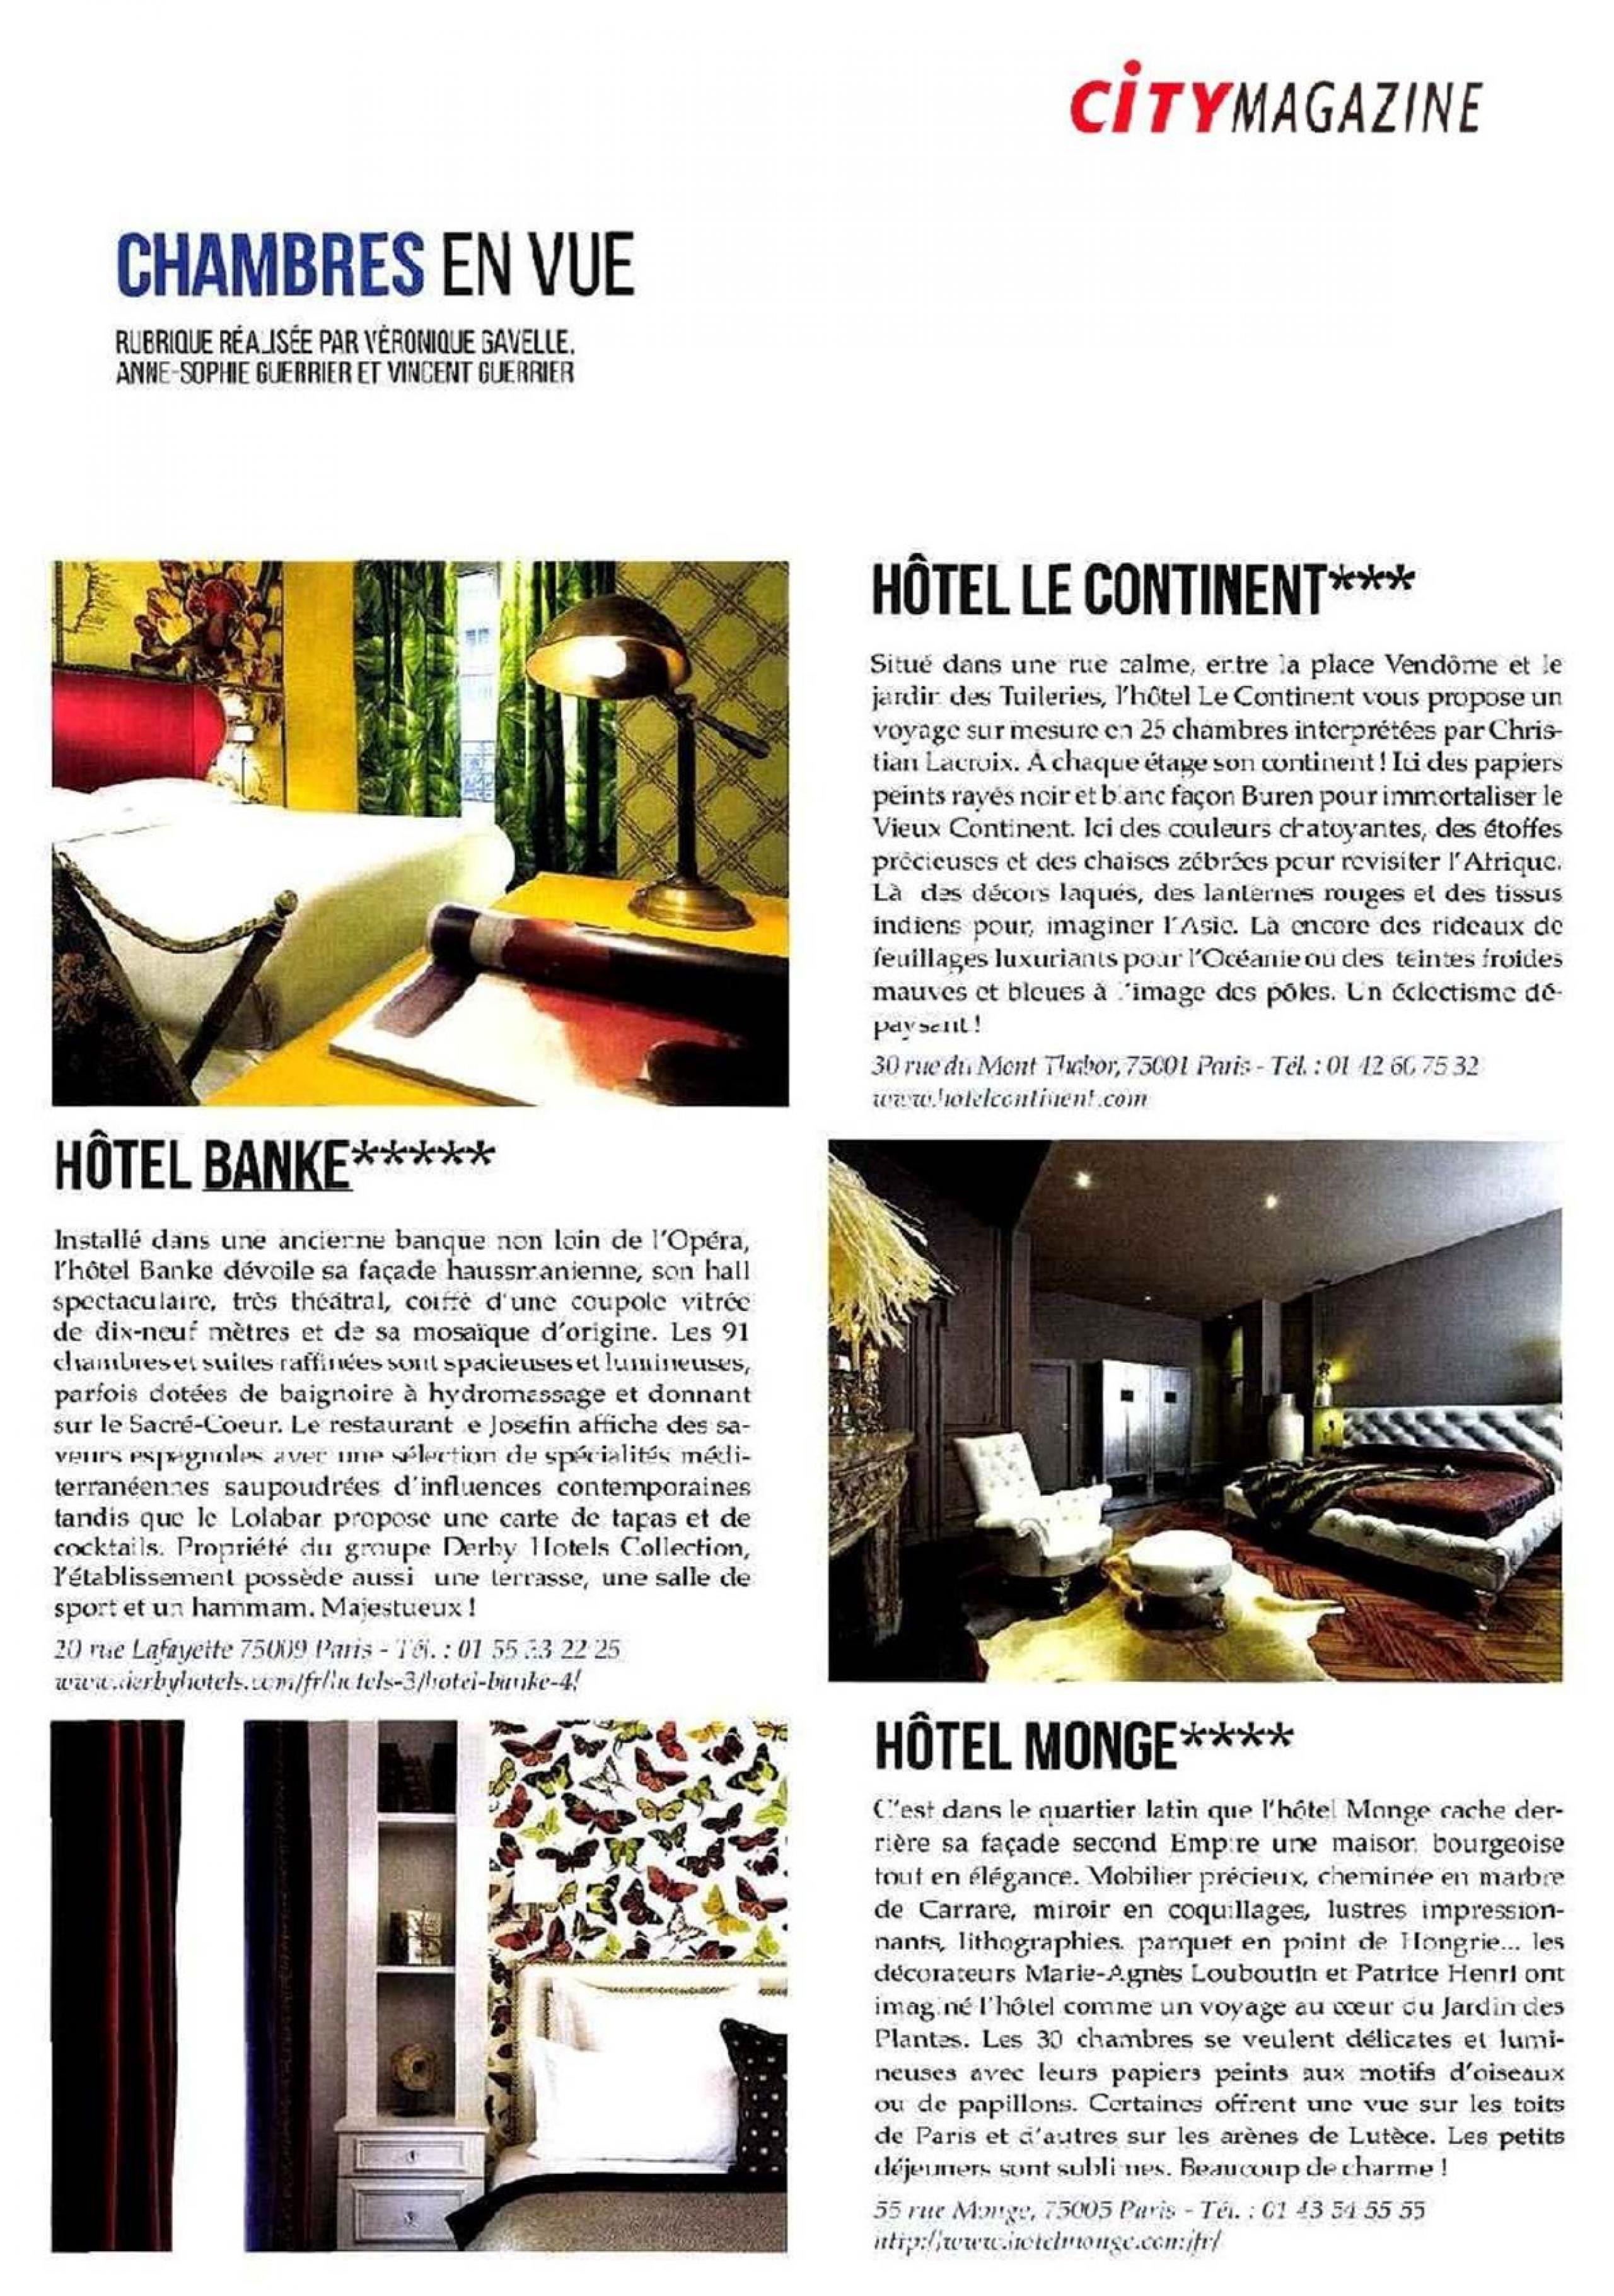 Rea de prensa de derby hotels collections hoteles en for Derby hotels collection